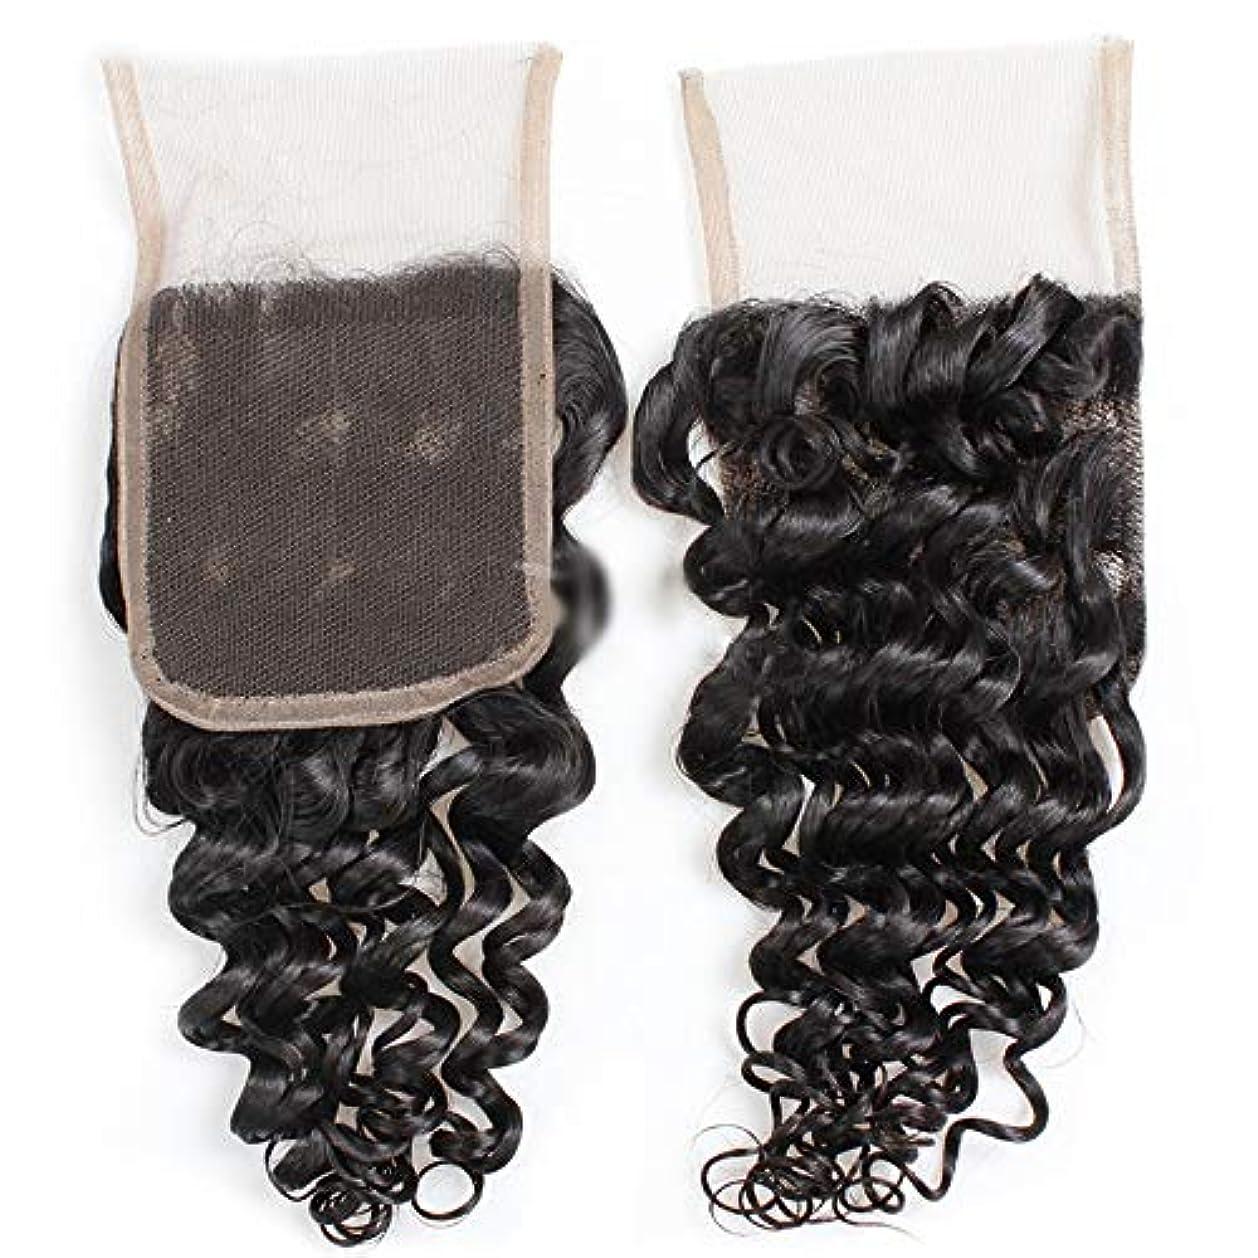 世紀考案するレールHOHYLLYA 9Aブラジルディープウェーブヘア4×4インチレース前頭部閉鎖100%未処理人間の髪の毛中央部自然な外観の複合毛レースかつらロールプレイングかつらロングとショートの女性自然 (色 : 黒, サイズ : 8...